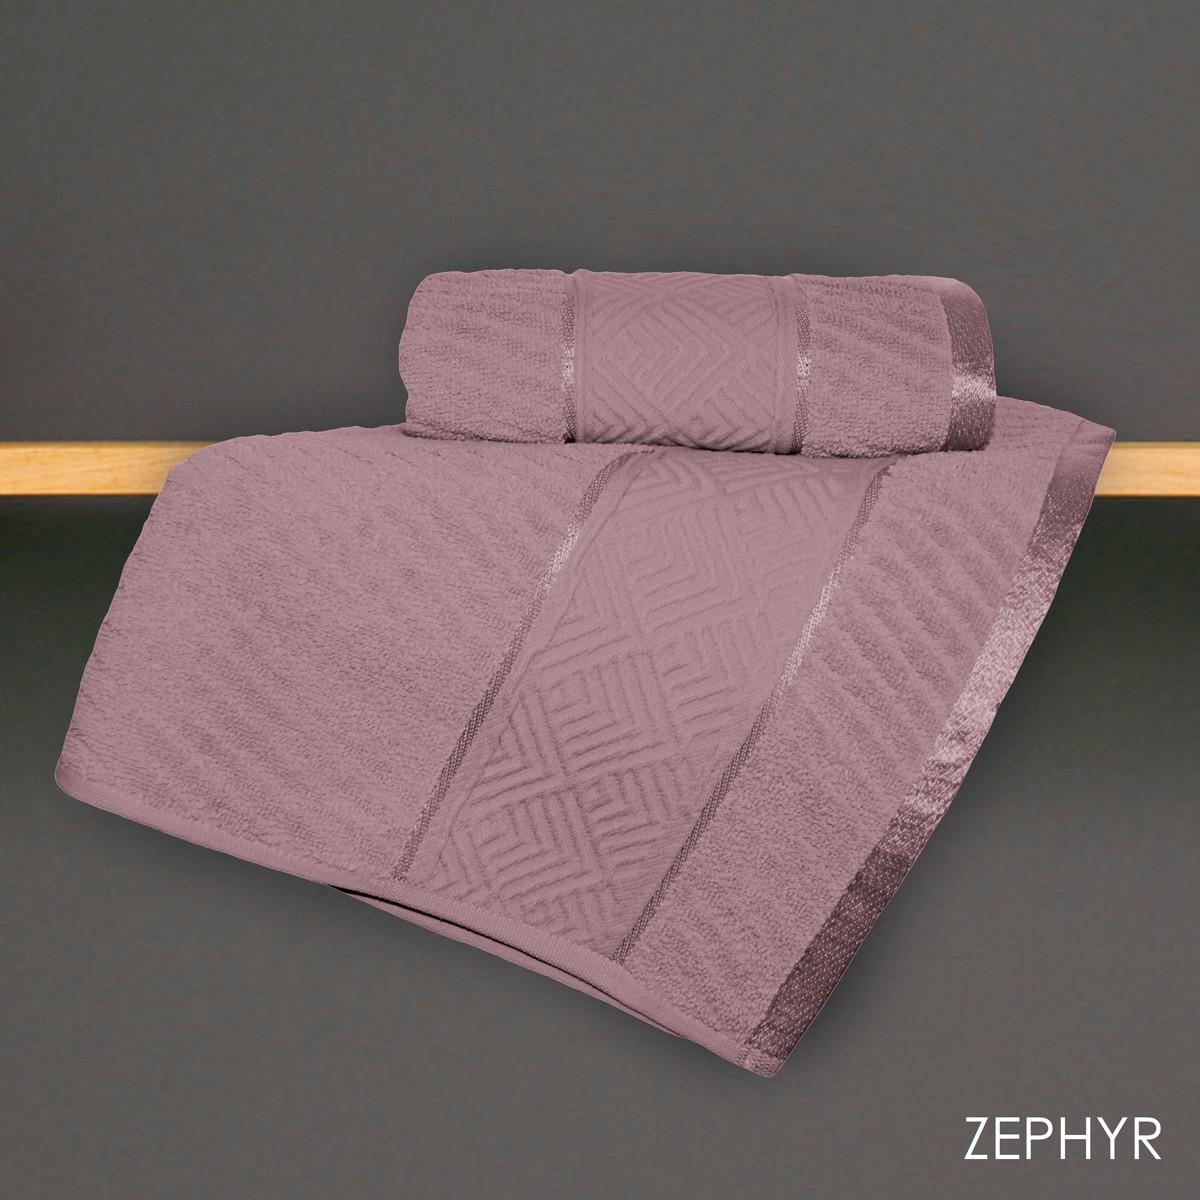 Πετσέτα Σώματος (70x140) V19.69 Mimoza Zephyr